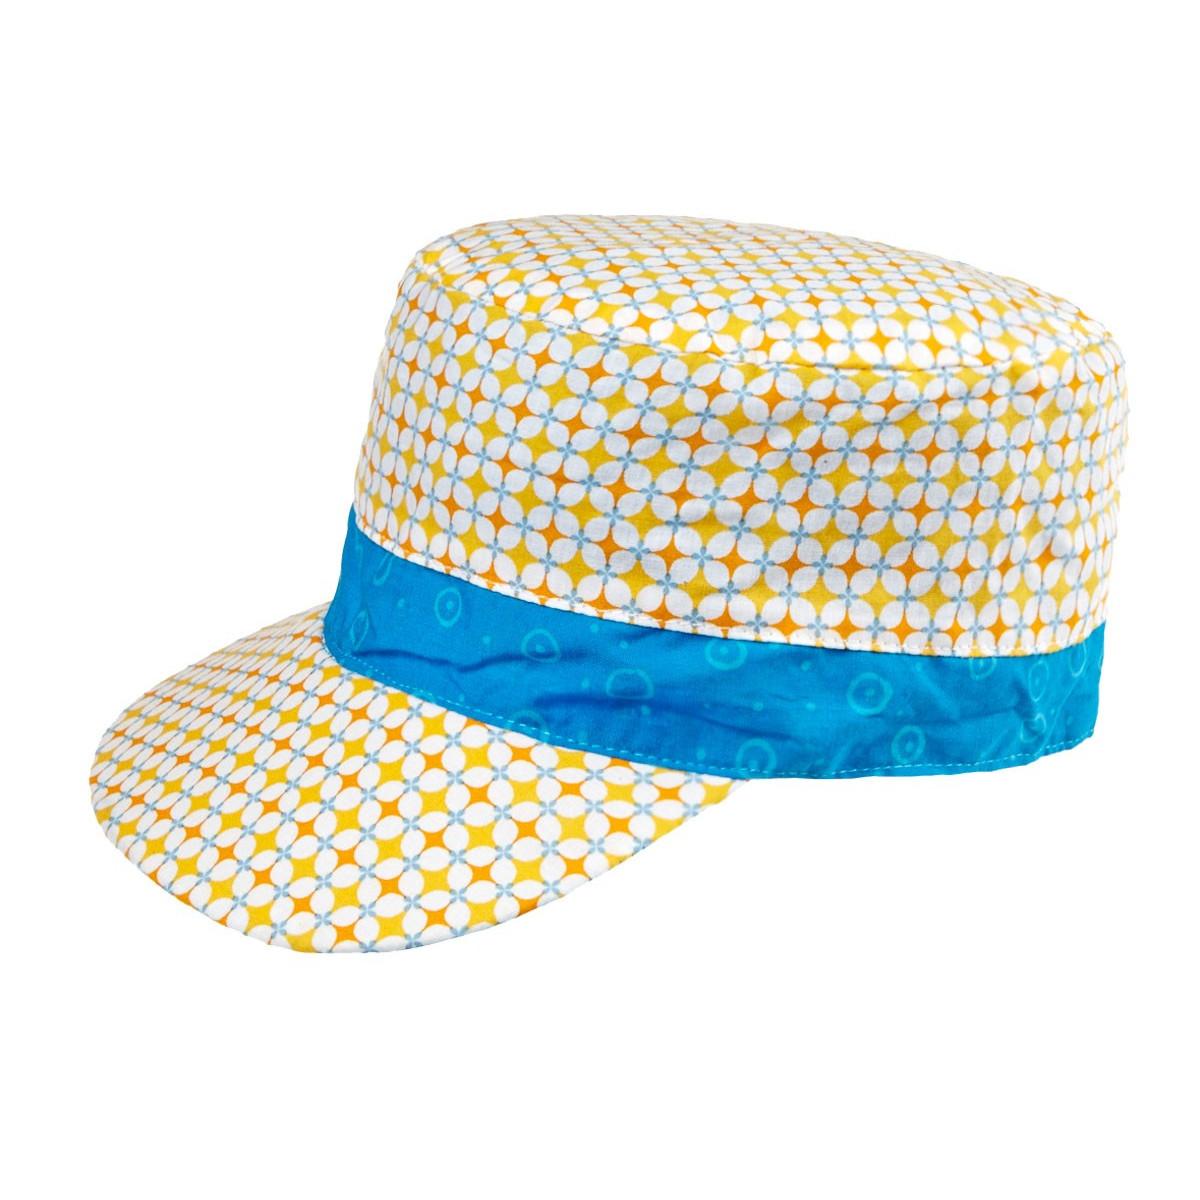 Casquette enfant coton réversible jaune et bleu Manille